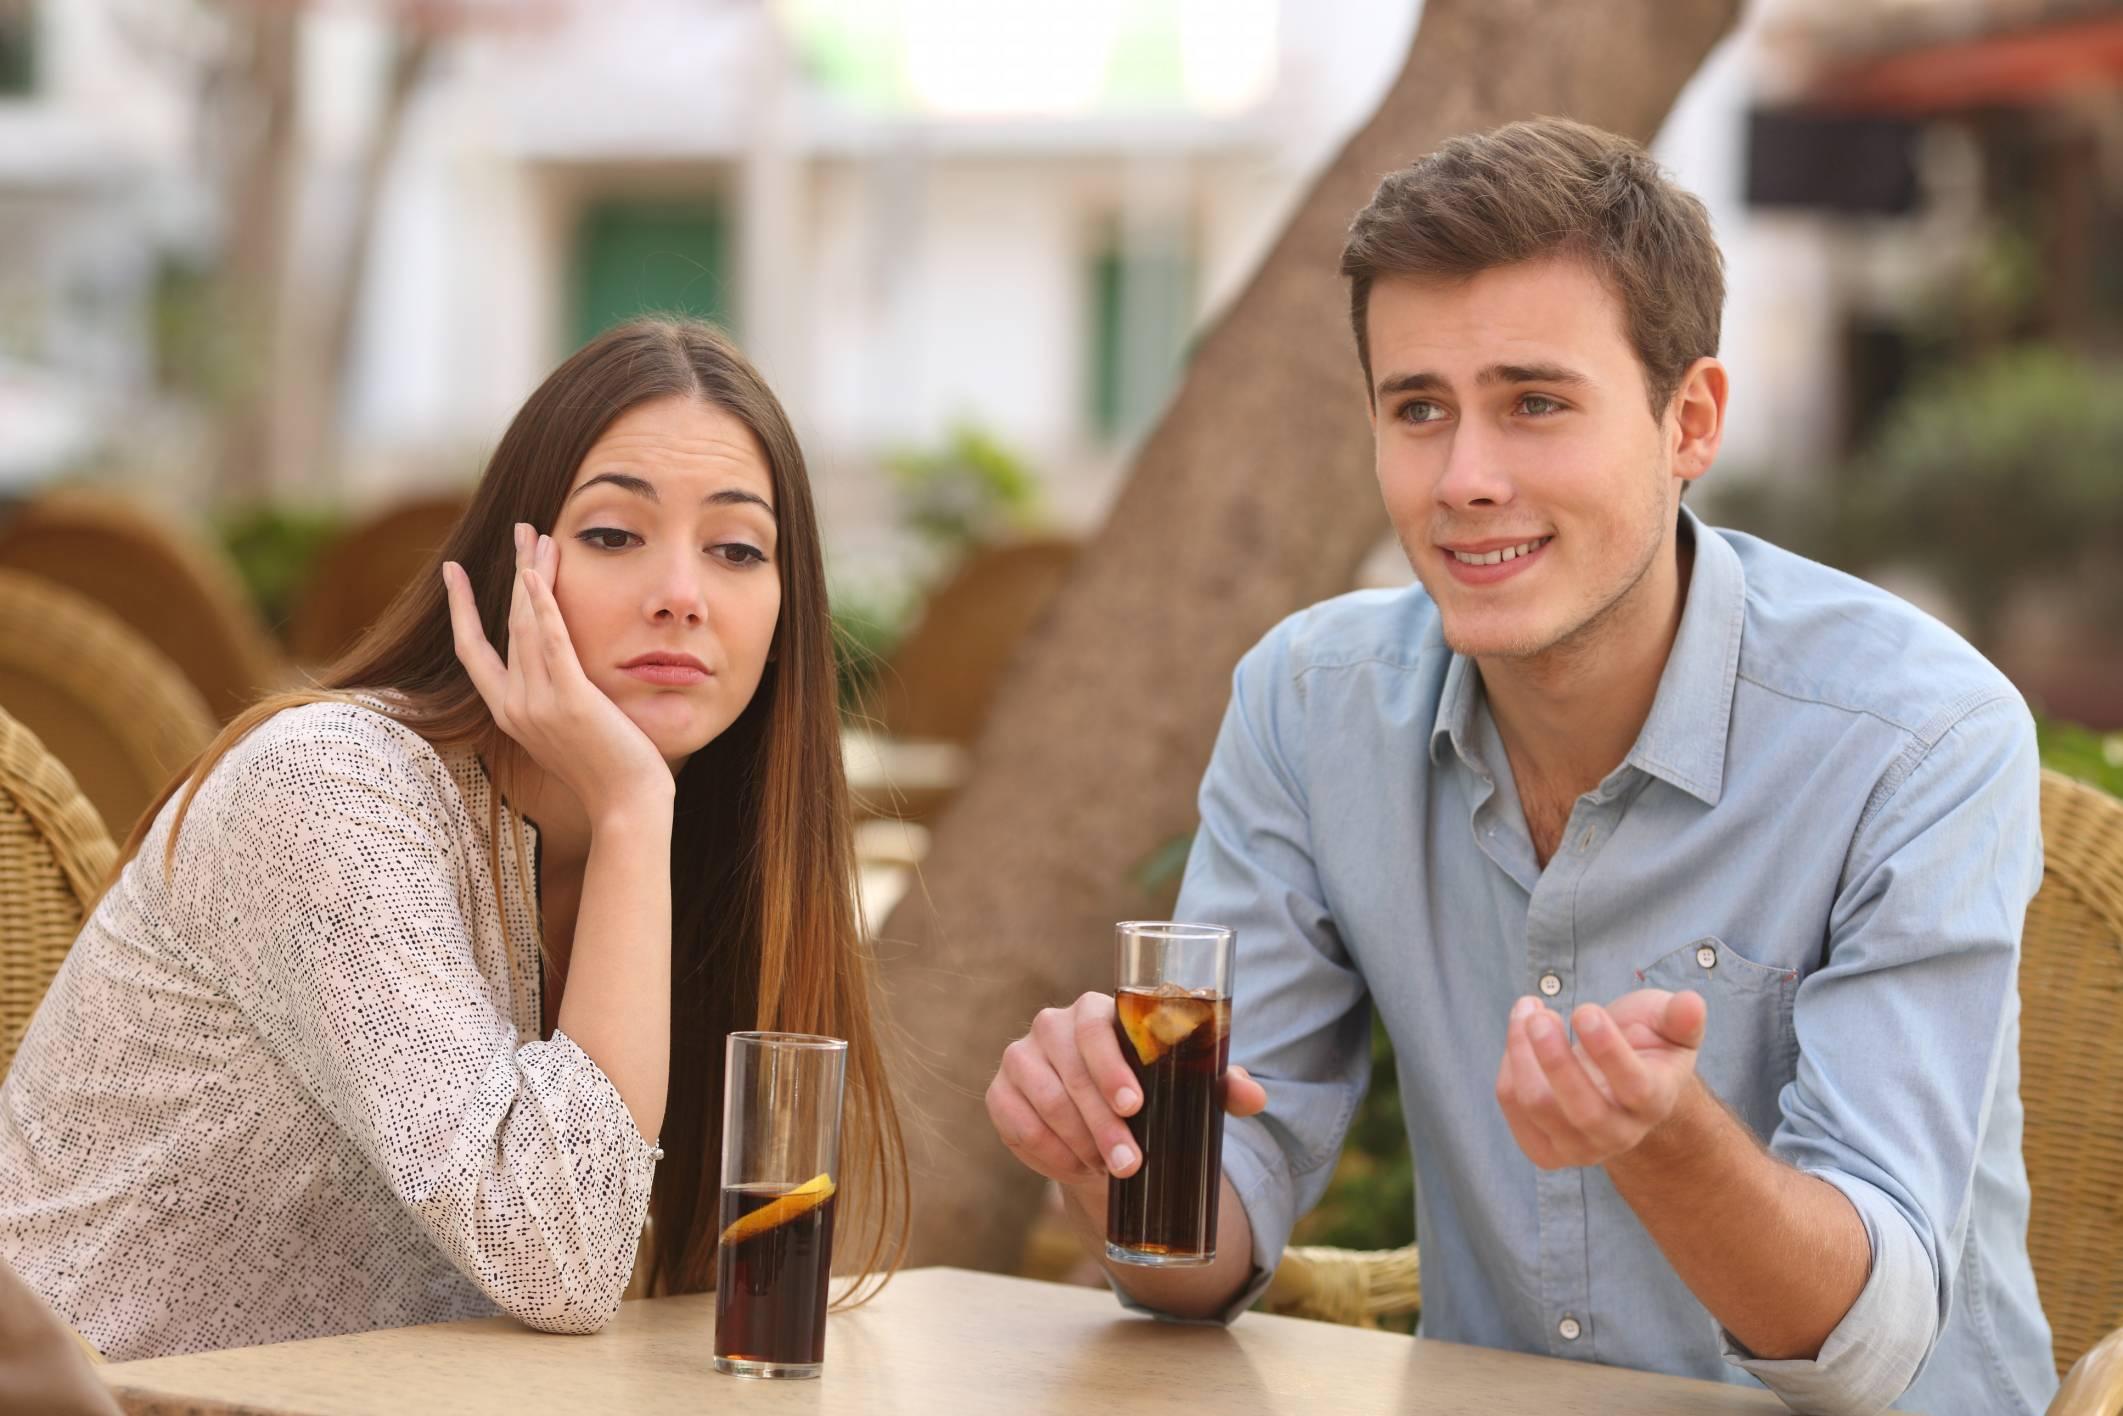 Brechando quer saber: Qual foi o seu pior primeiro encontro?